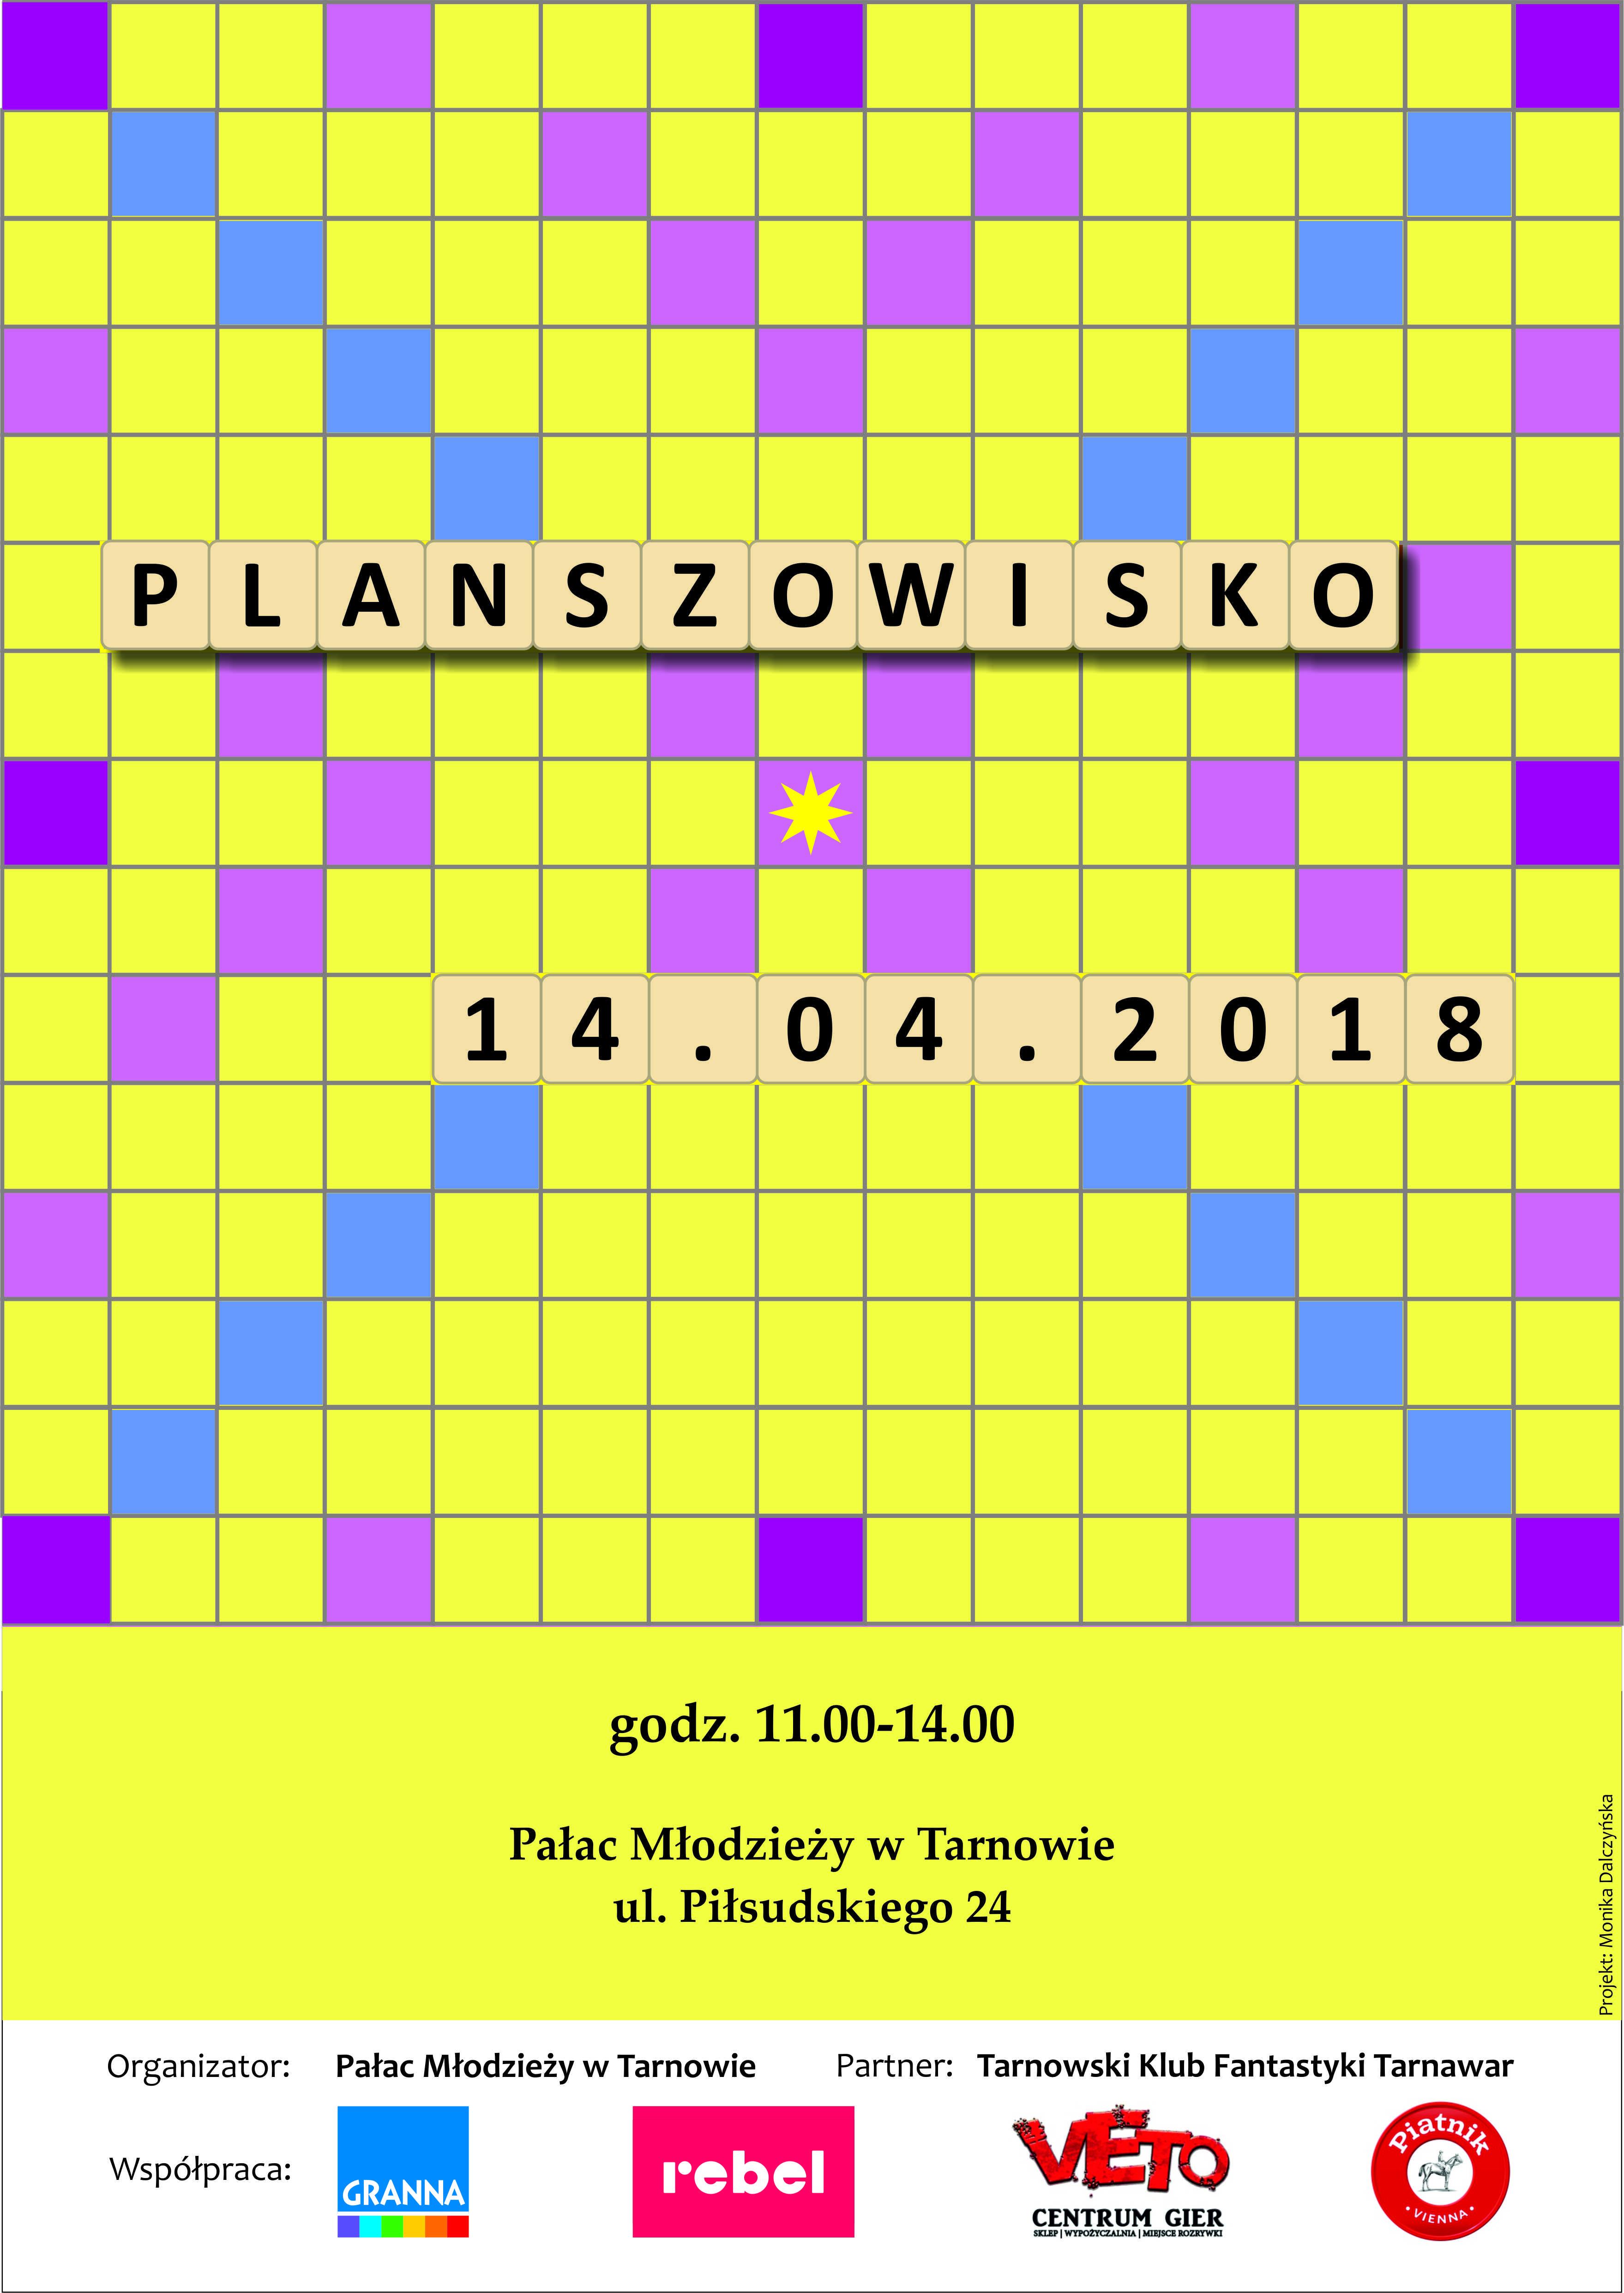 ea42f48d0 Już w najbliższą sobotę - 14 kwietnia, w godzinach 11.00 – 14.00 serdecznie  zapraszamy na kolejne Planszowisko. Jeśli nie masz pomysłu, jak spędzić  wolny ...